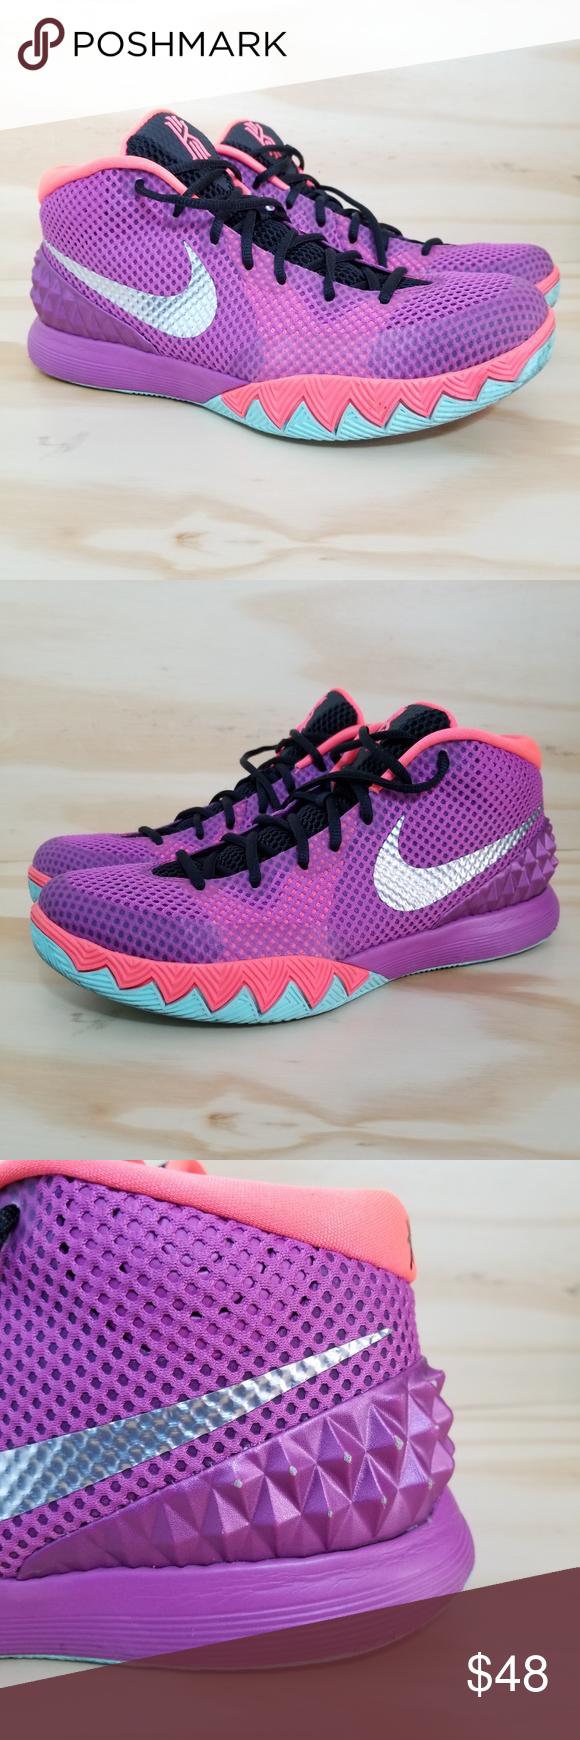 898986be6aae Nike Kirie 1 Sneakers sz 11 Men s Nike Kyrie 1 Easter Medium Berry Silver- Hot